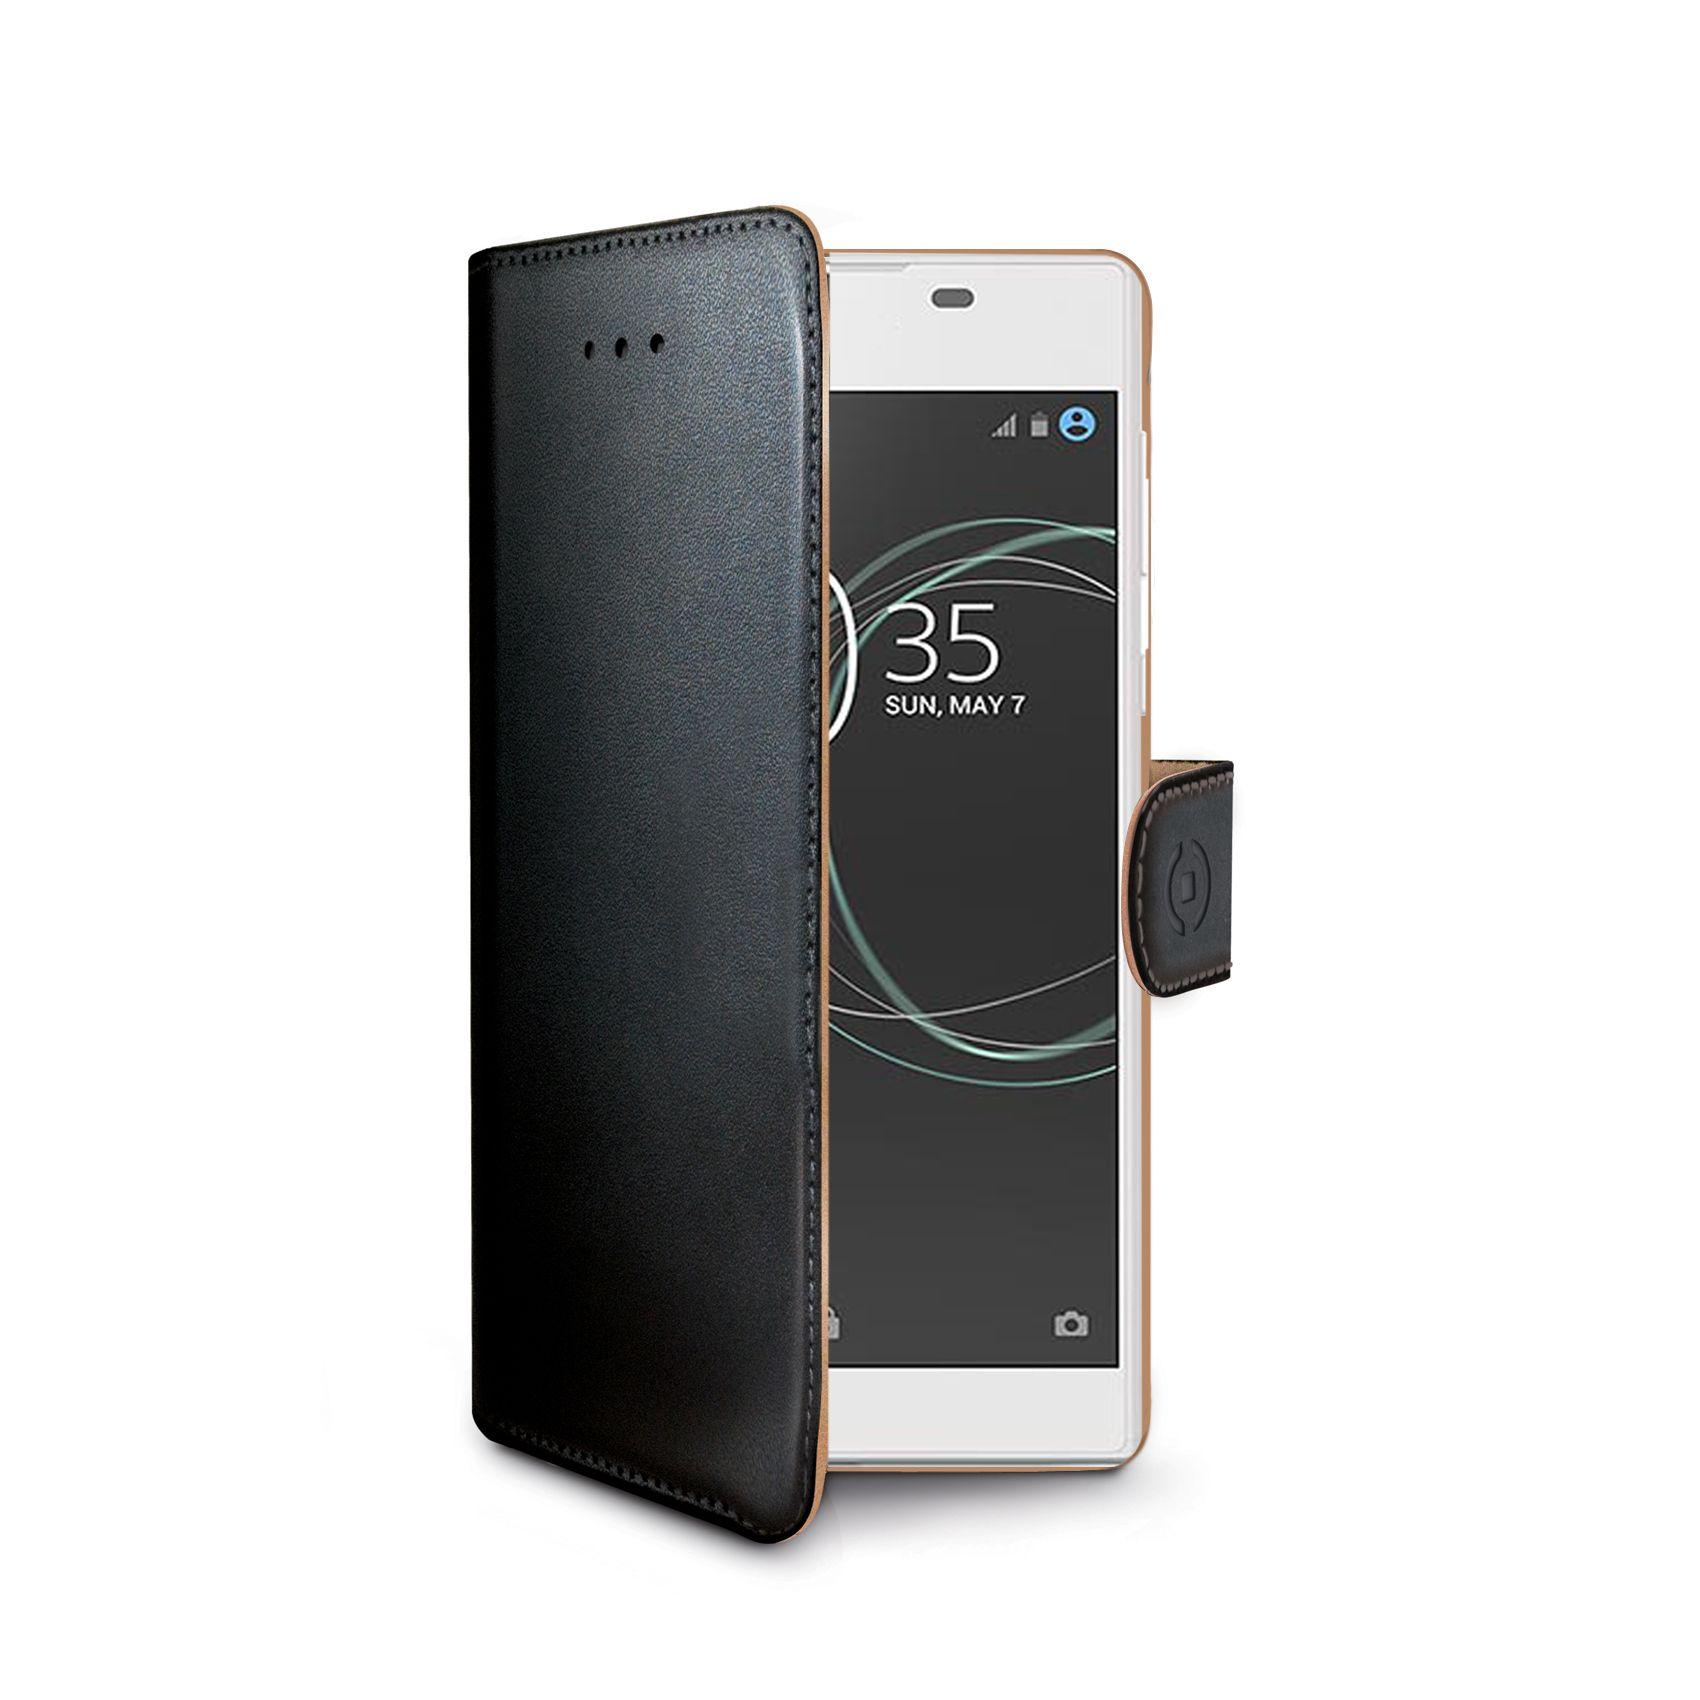 Flipové pouzdro Celly Wally pro Sony Xperia L1 černé